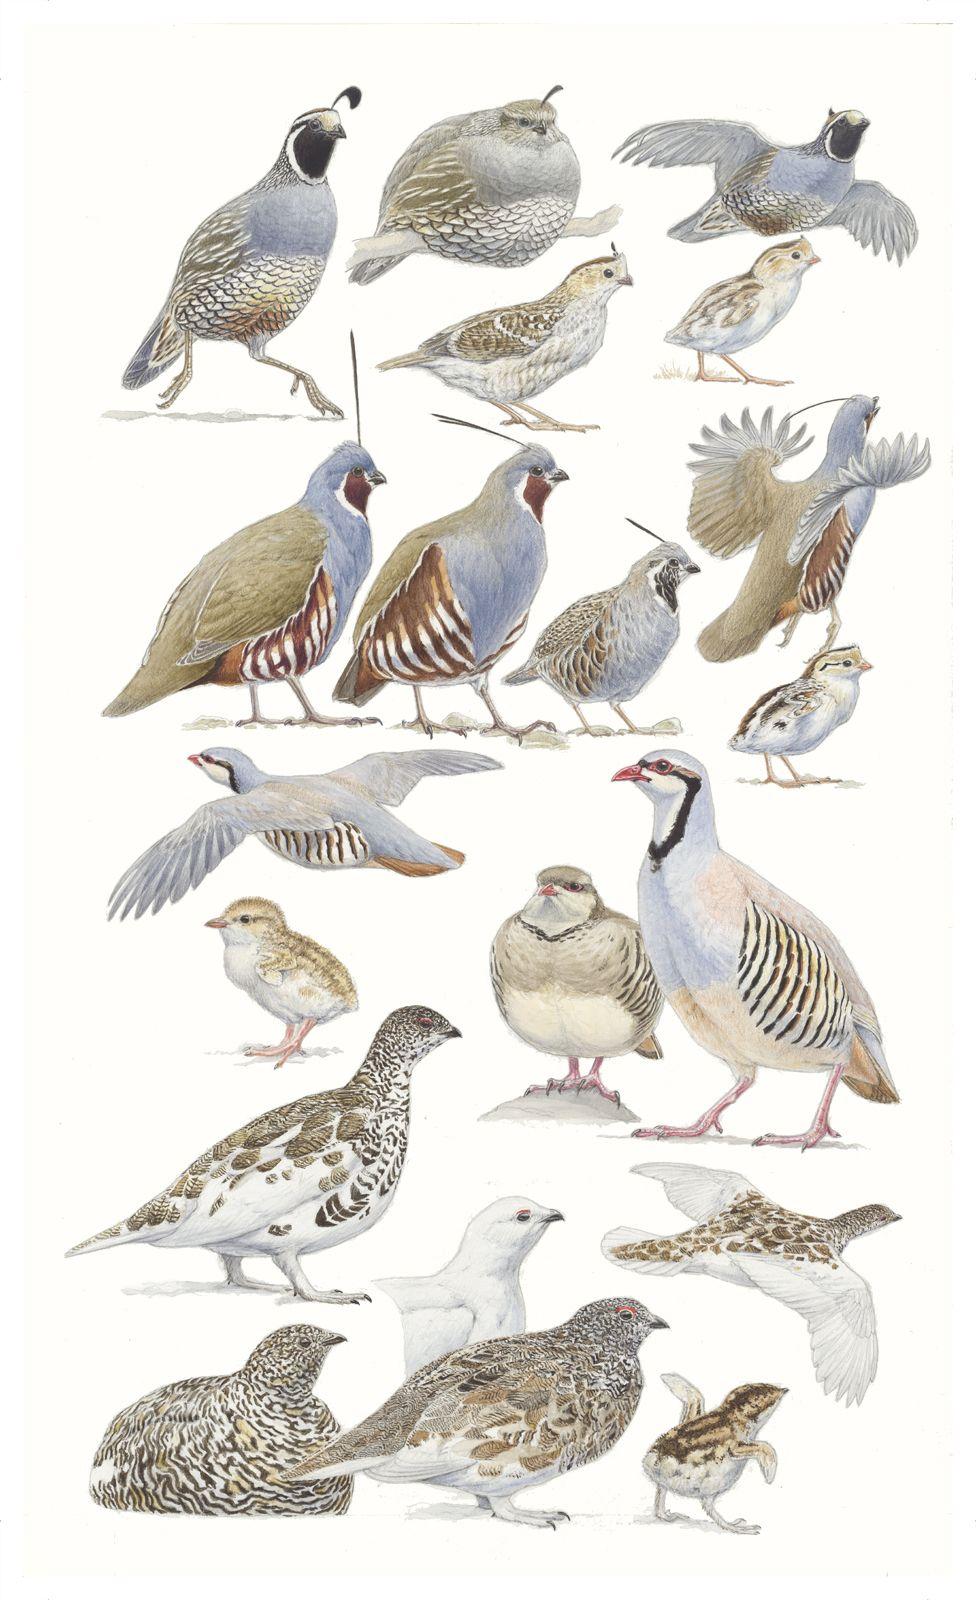 Chukkars clipart svg royalty free library Birds of the Sierra - Quail, Chukar & Ptarmigan - Plate 16 | cute ... svg royalty free library